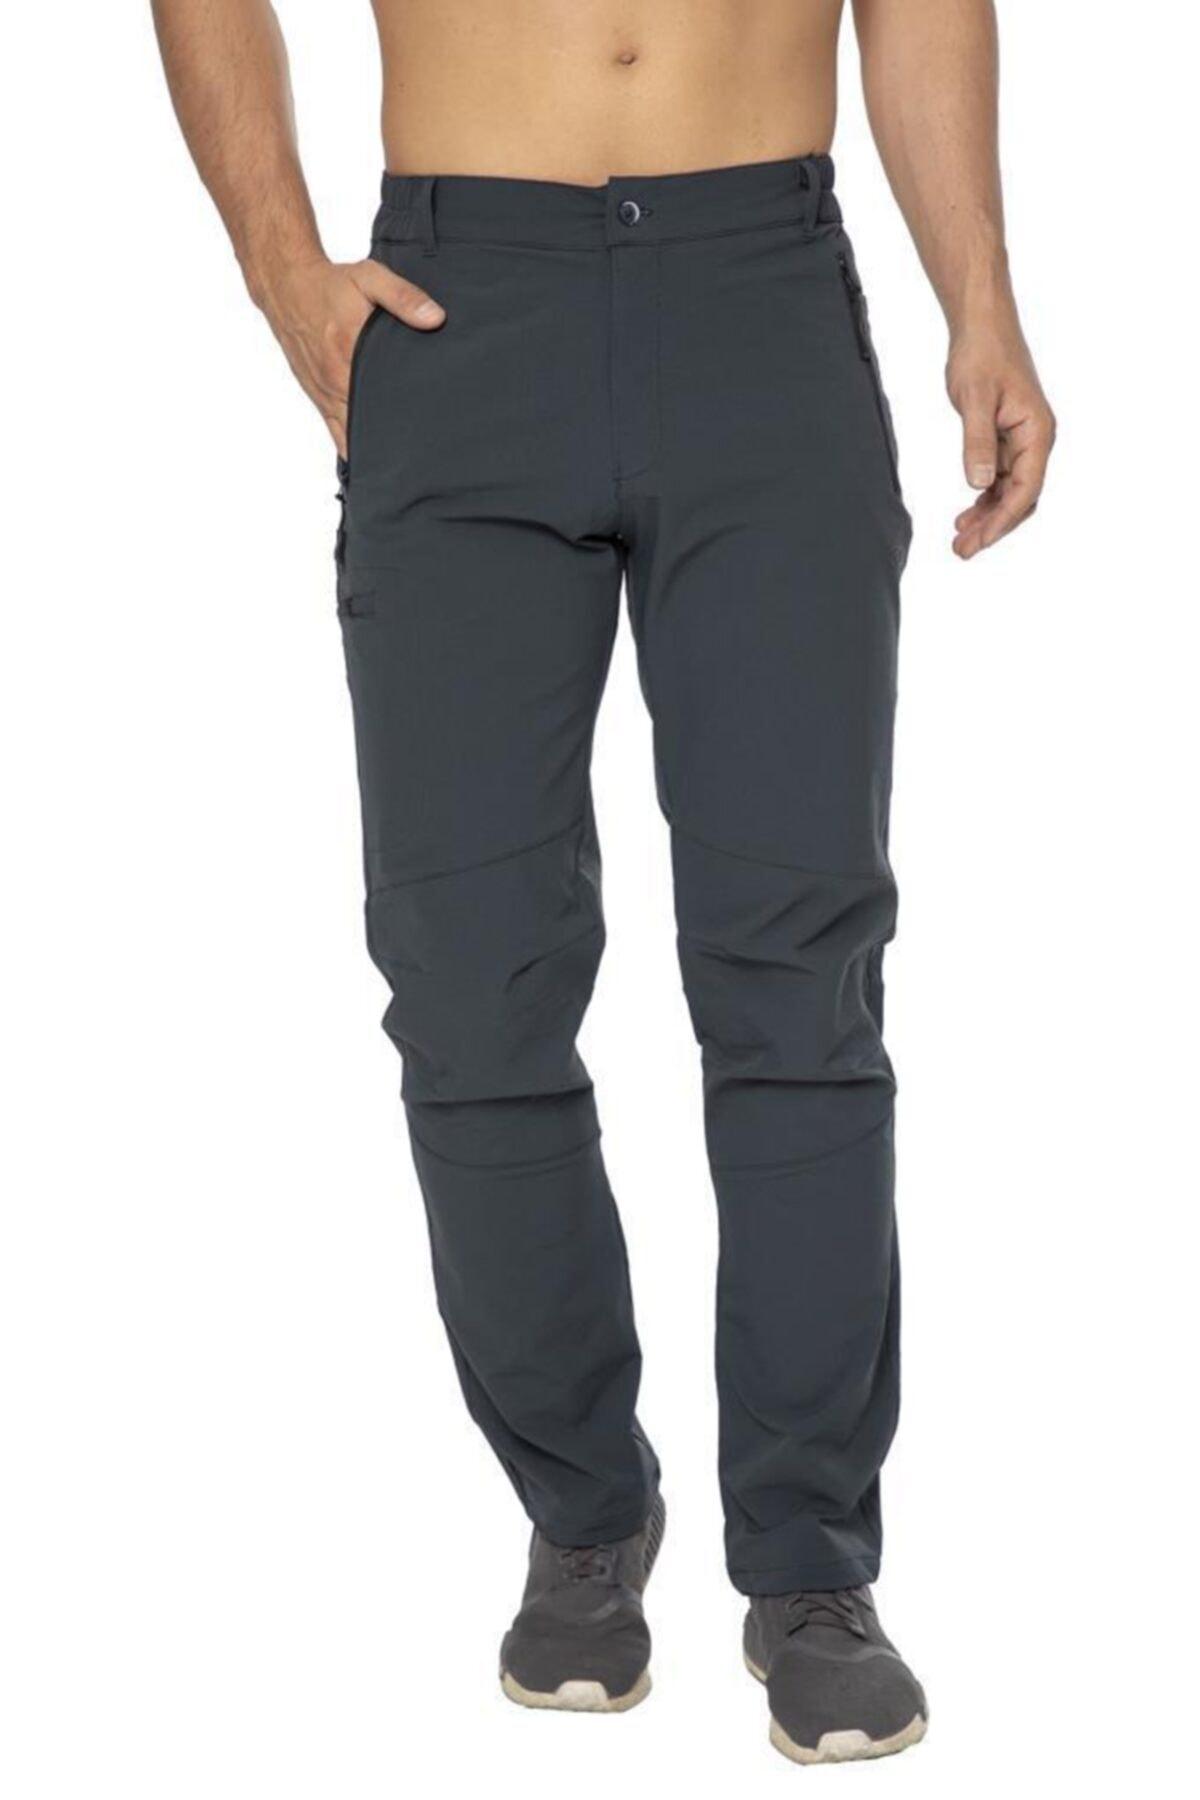 Crozwise Erkek Outdoor Pantolon 2147 1